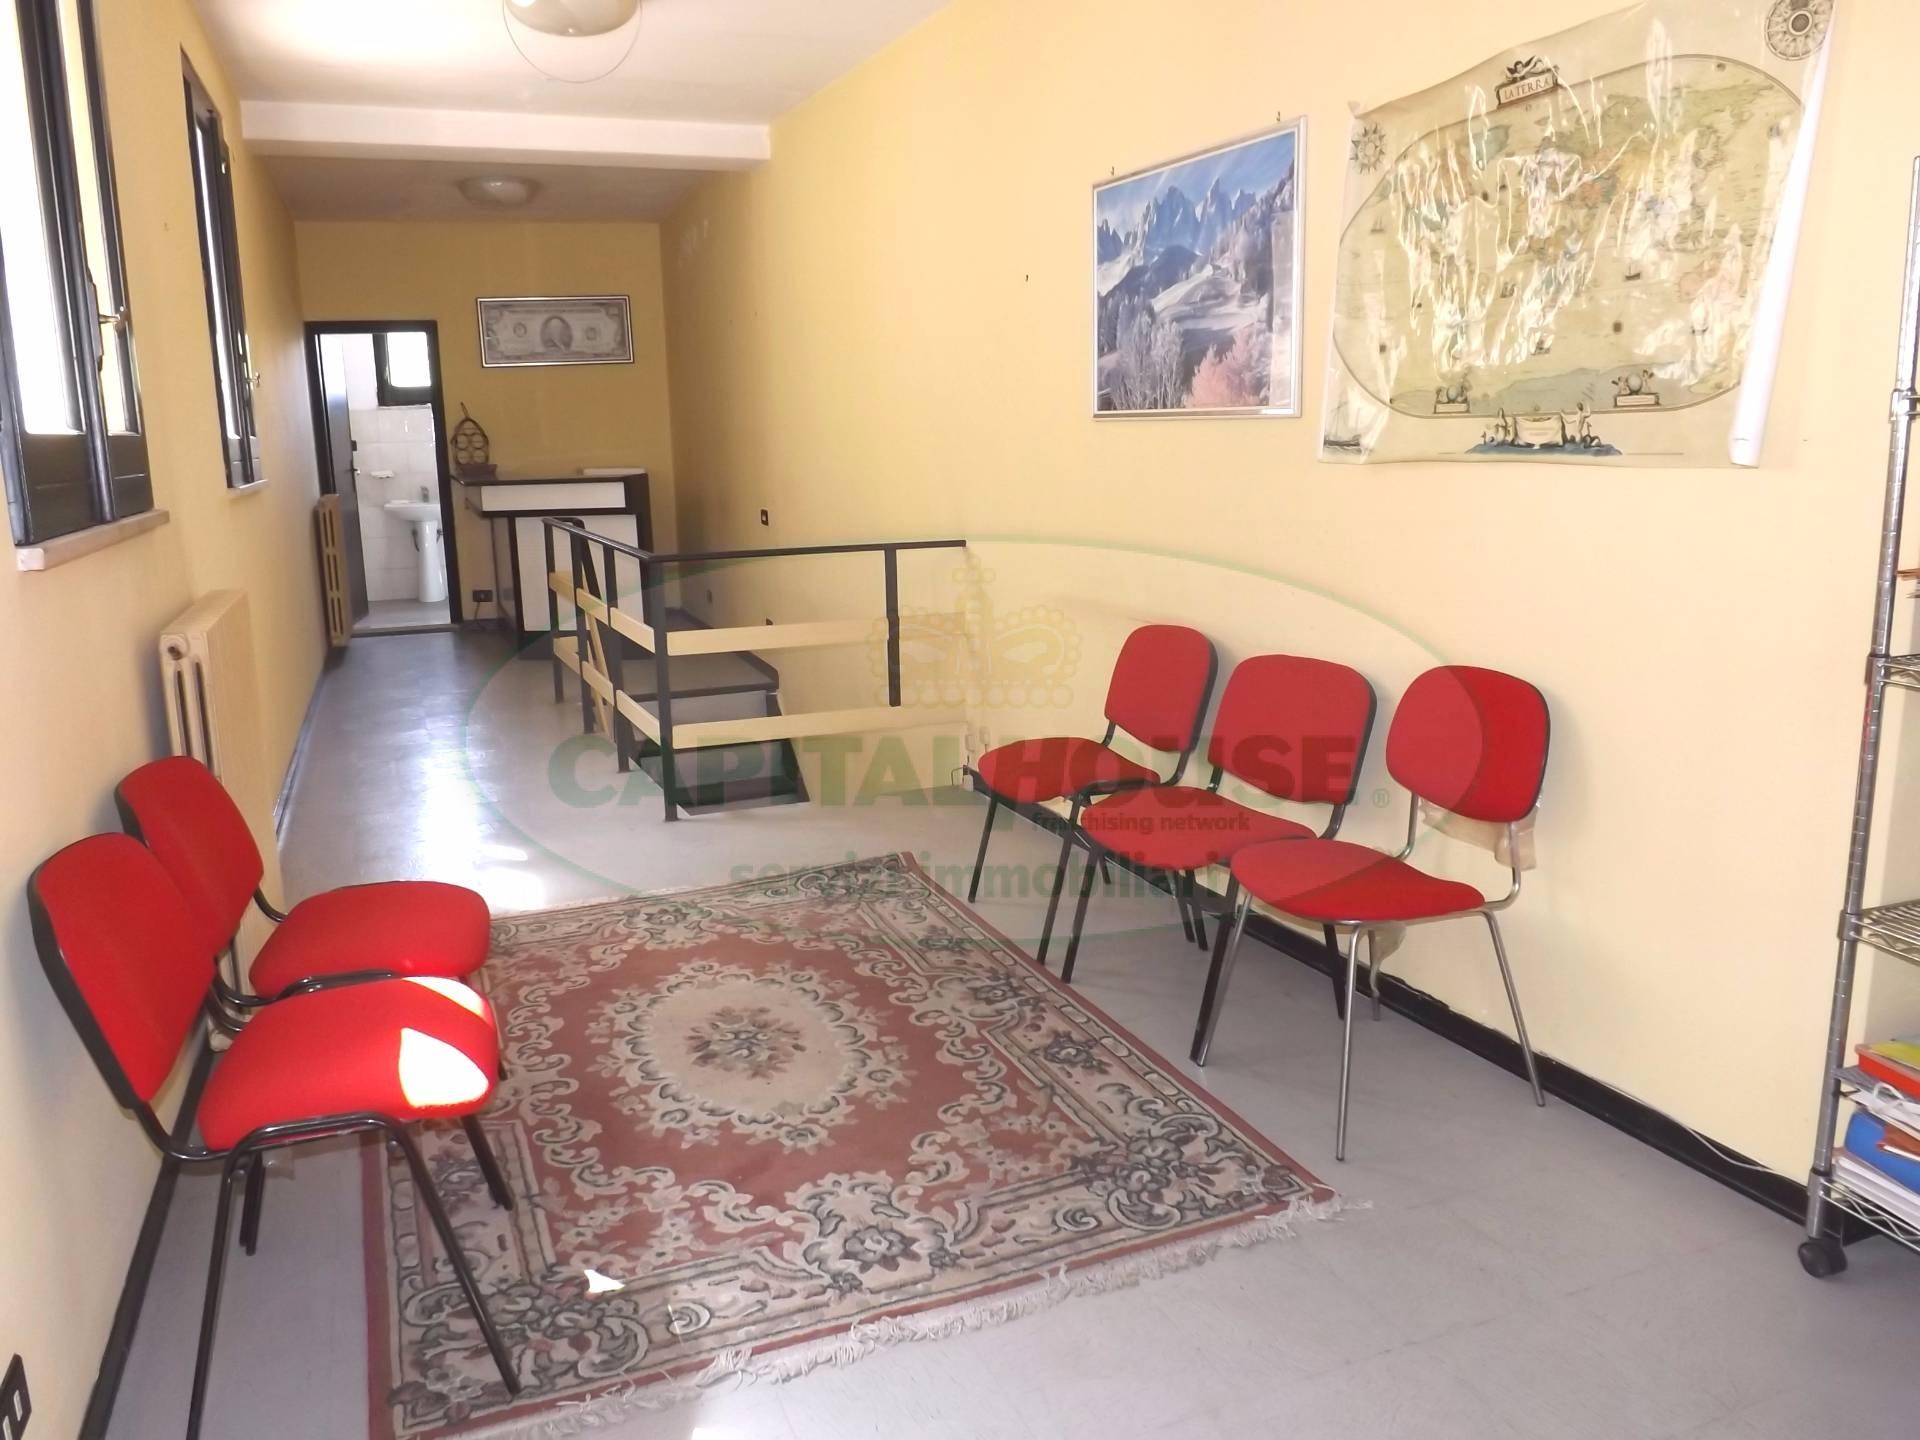 Ufficio / Studio in vendita a Prata di Principato Ultra, 9999 locali, prezzo € 95.000 | CambioCasa.it